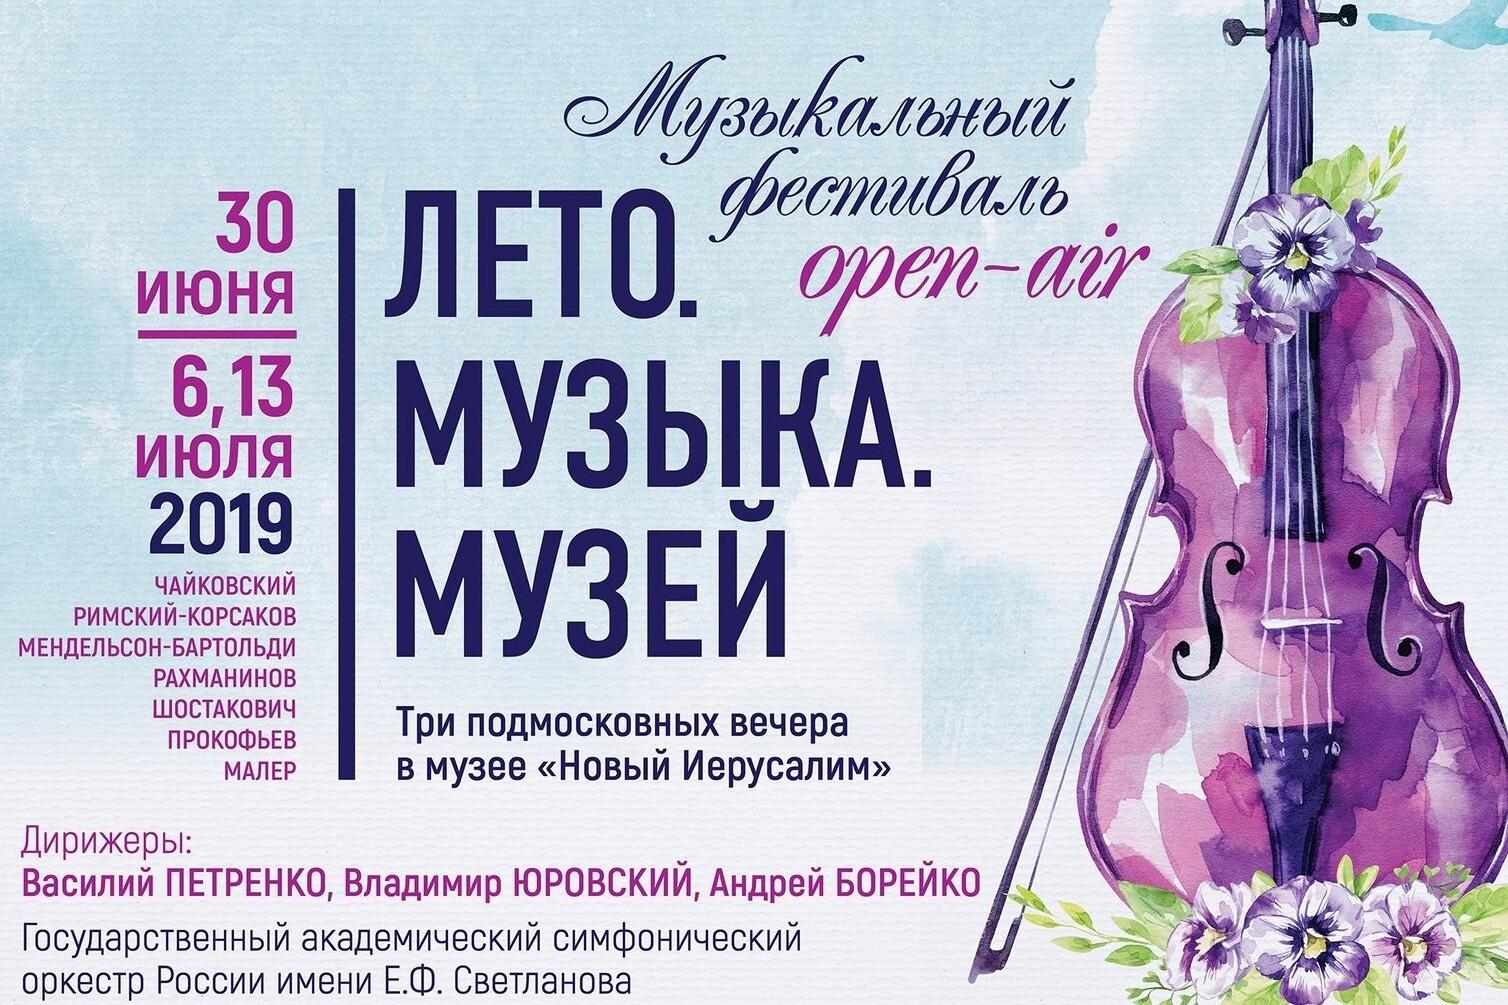 Музыкальный open-air фестиваль «Лето. Музыка. Музей». День 1